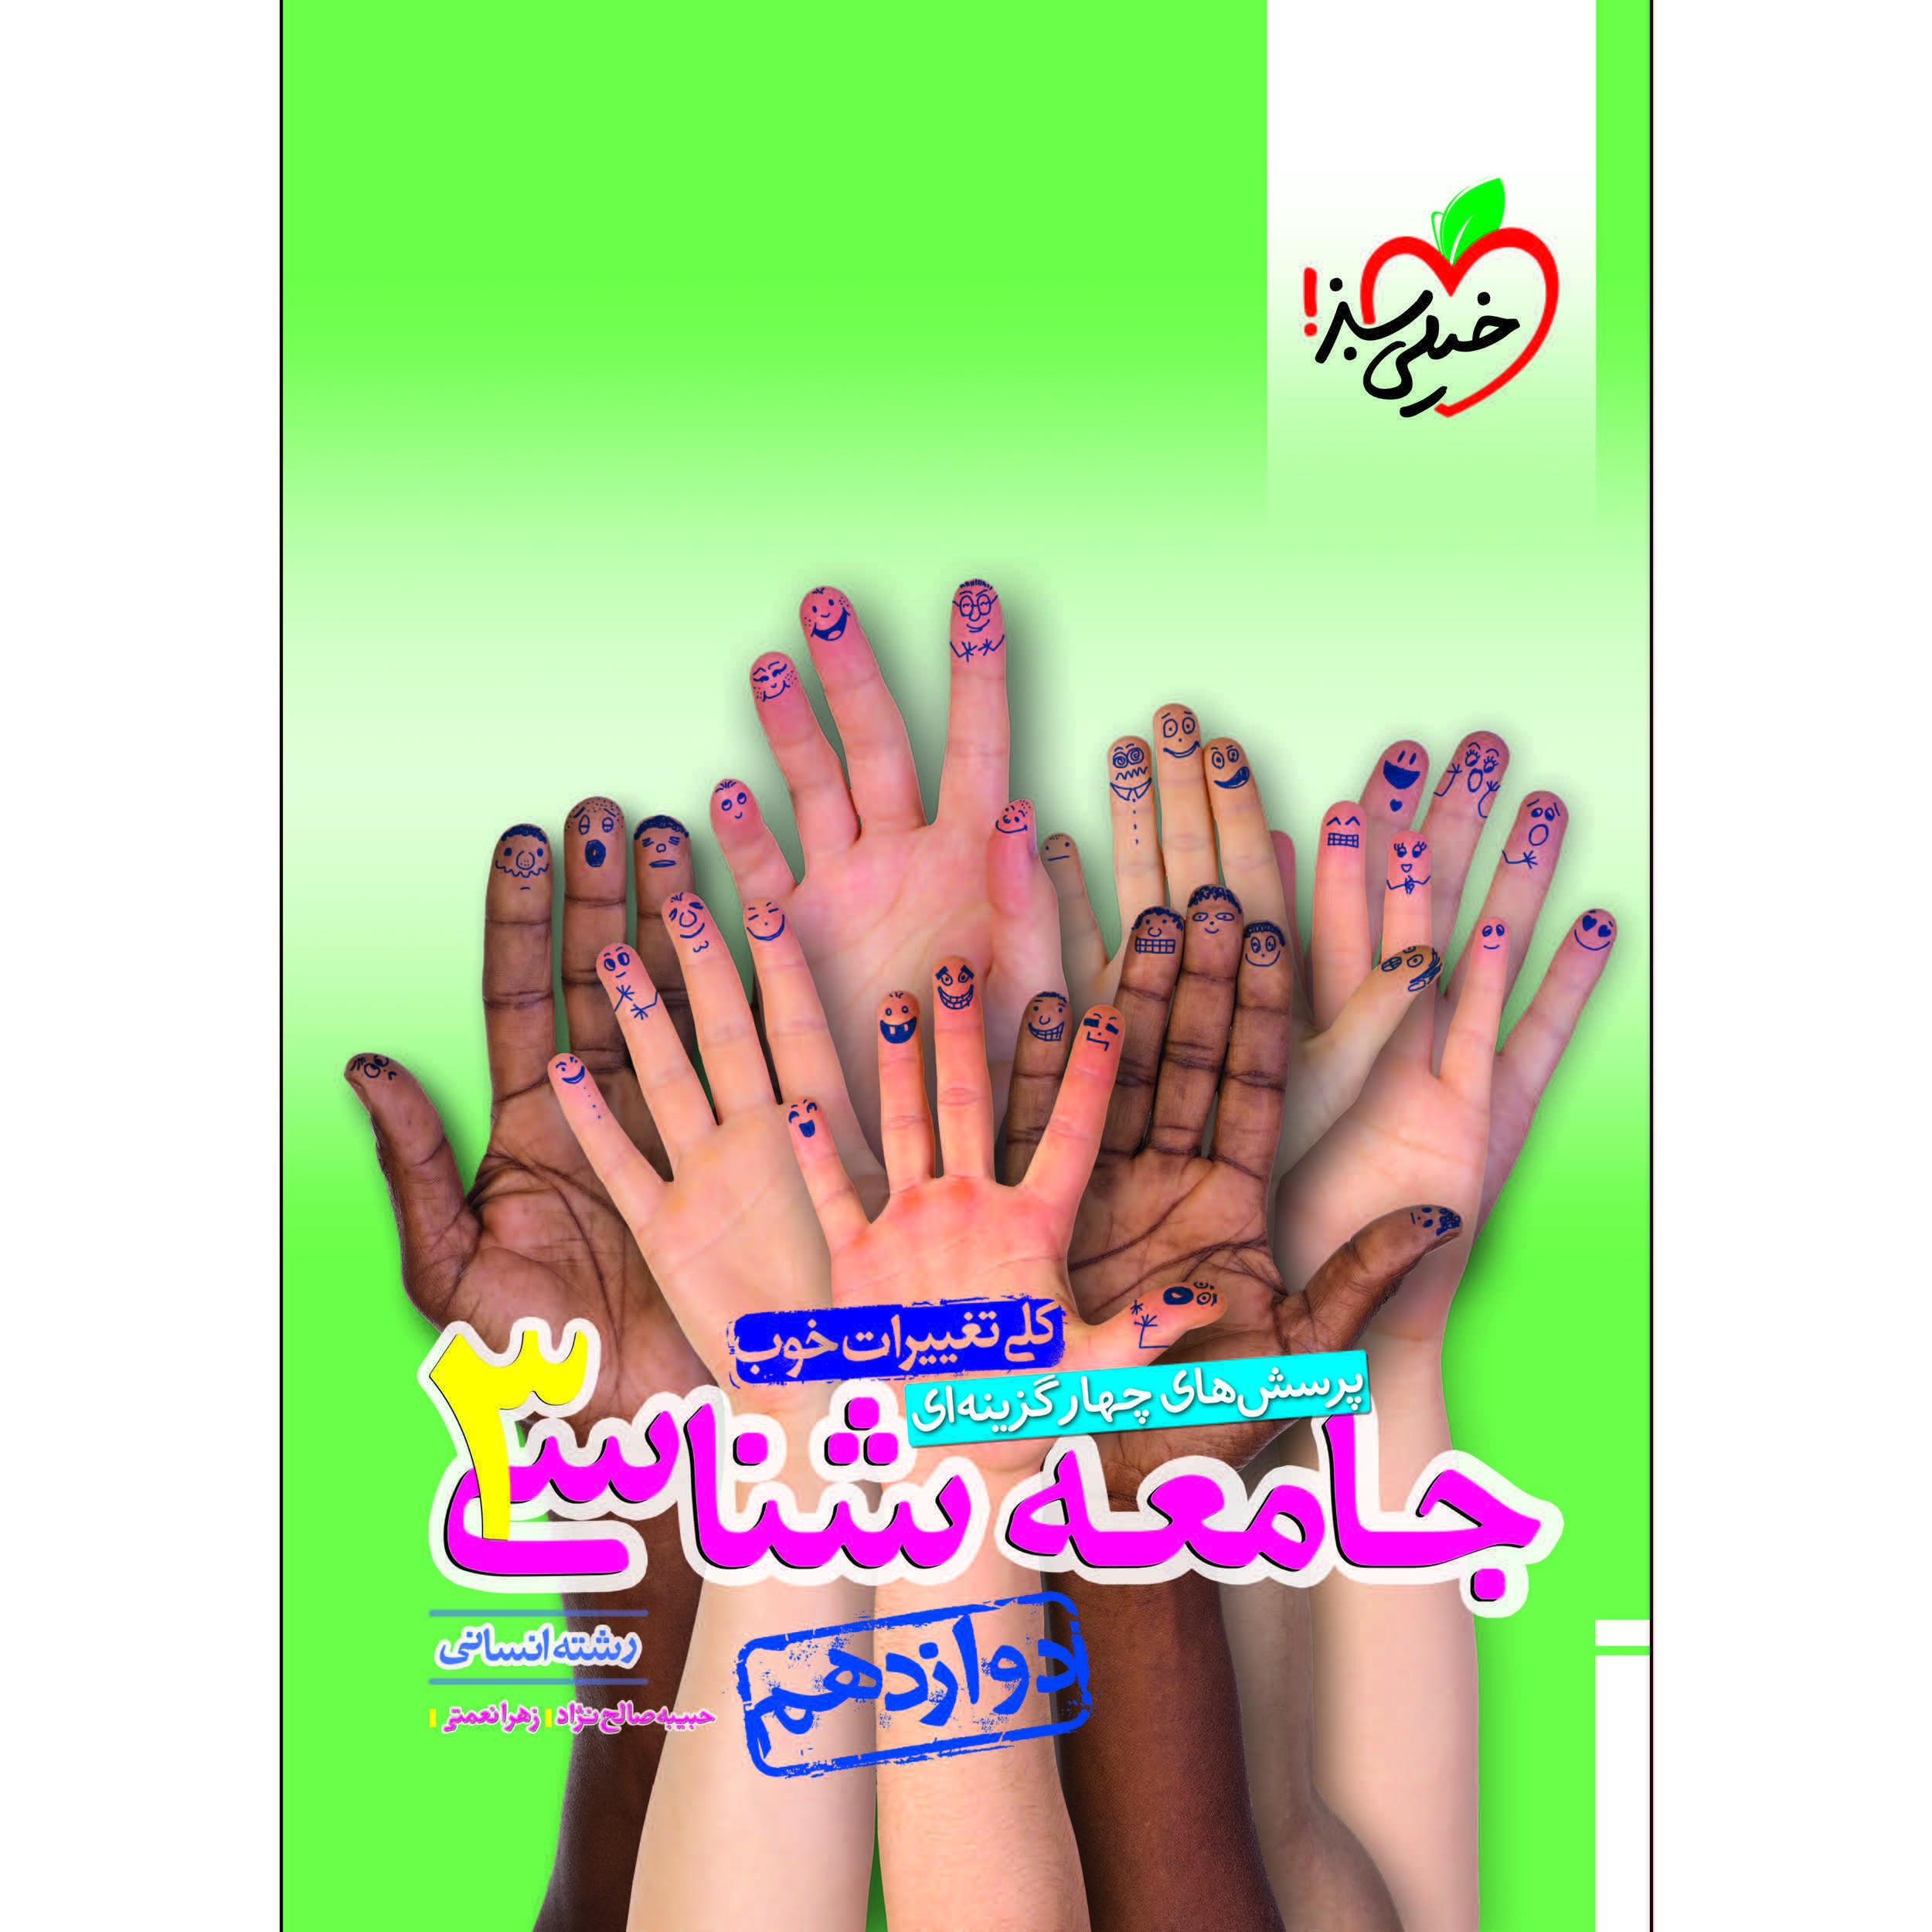 کتاب پرسش های چهار گزینه ای جامعه شناسی دوازدهم اثر حبیبه صالح نژاد و زهرا نعمتی انتشارات خیلی سبز